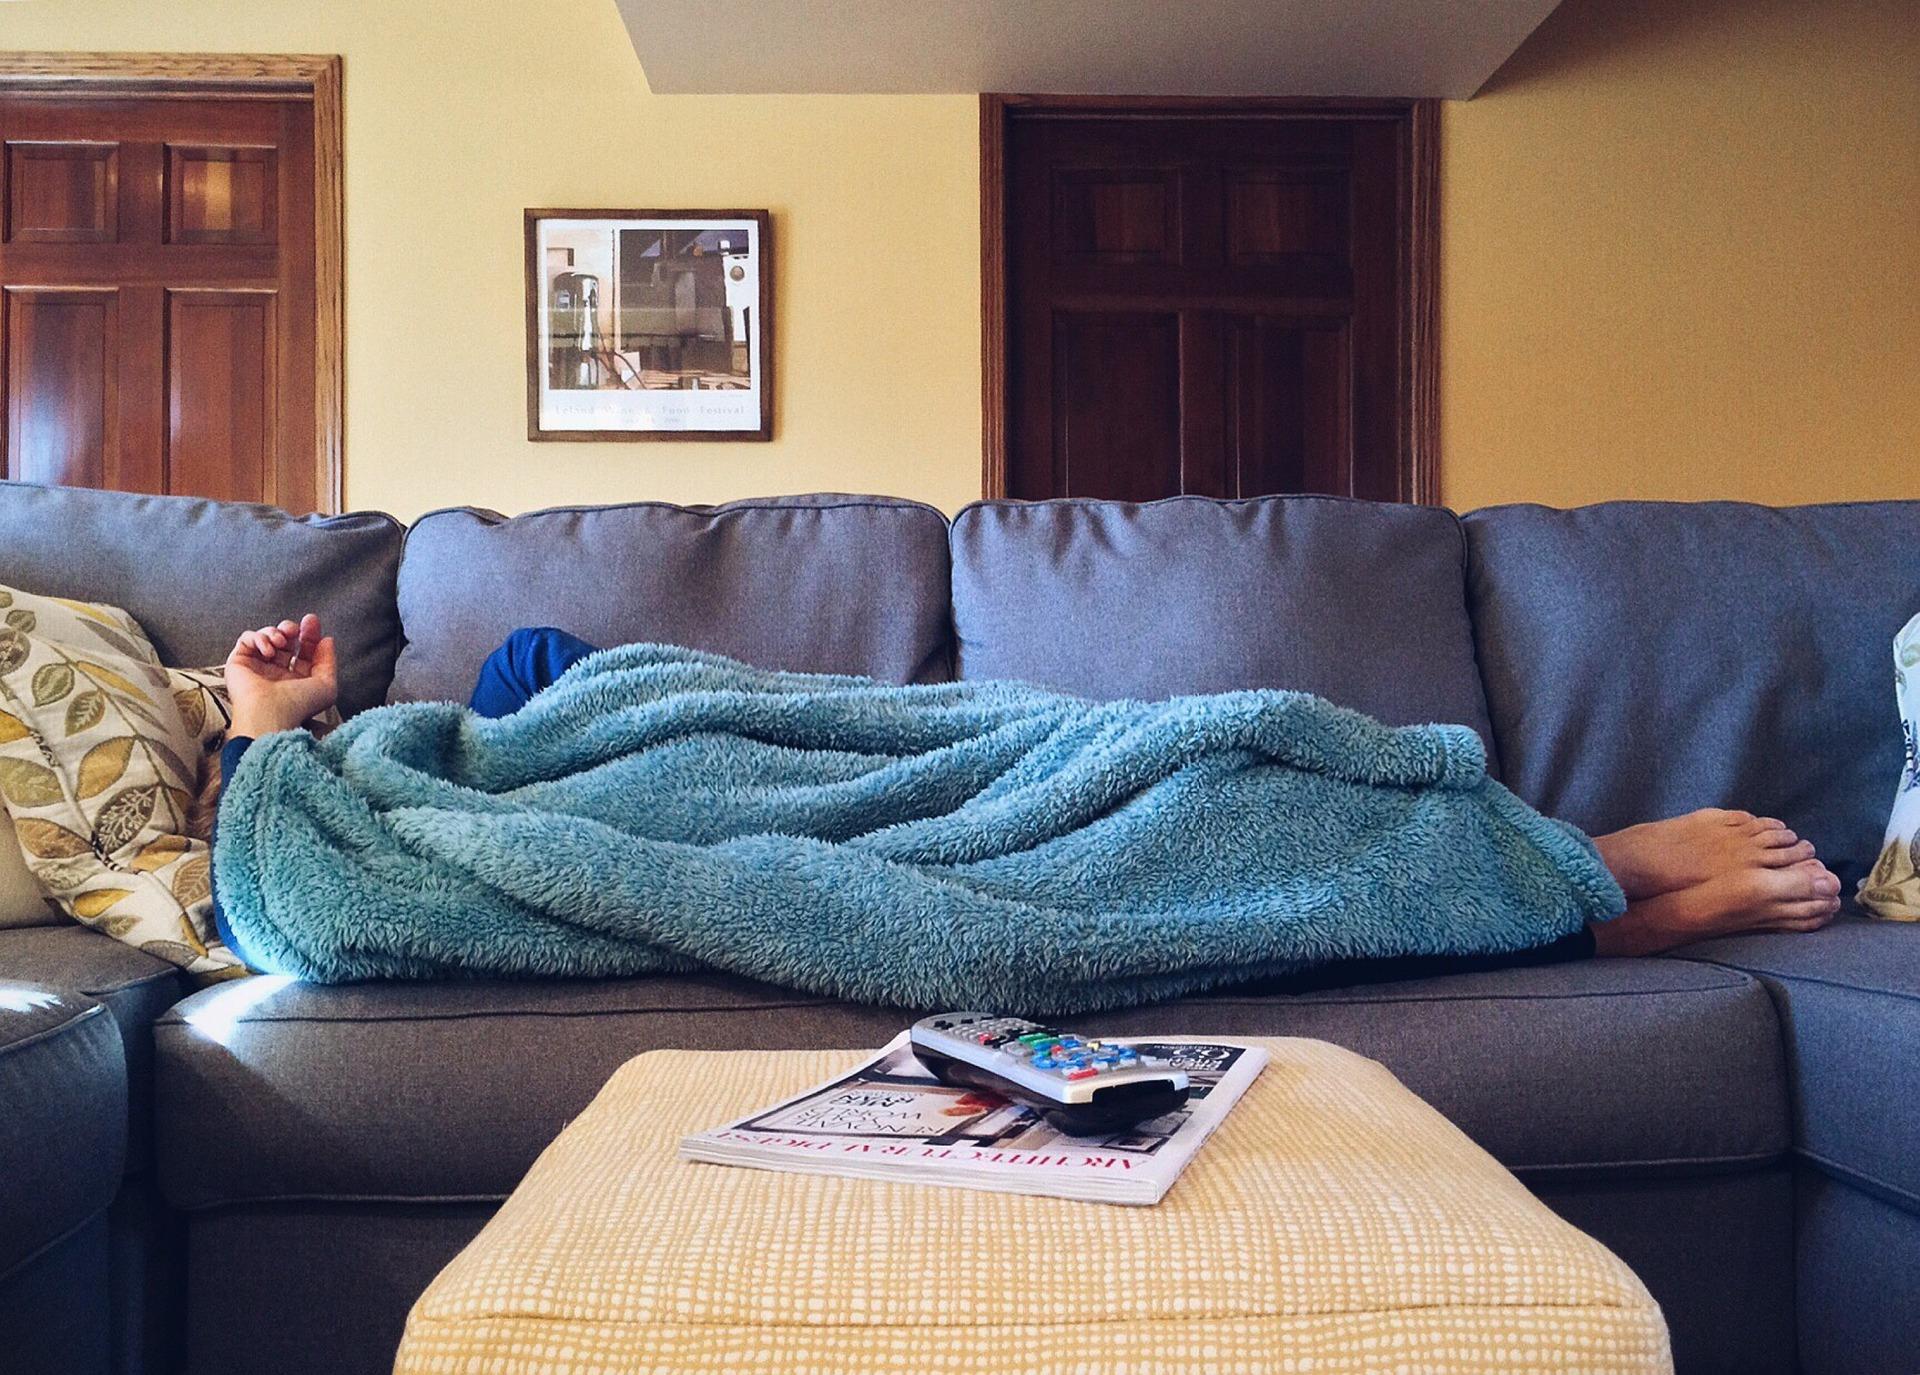 kanapén héderezés fotó: pixabay